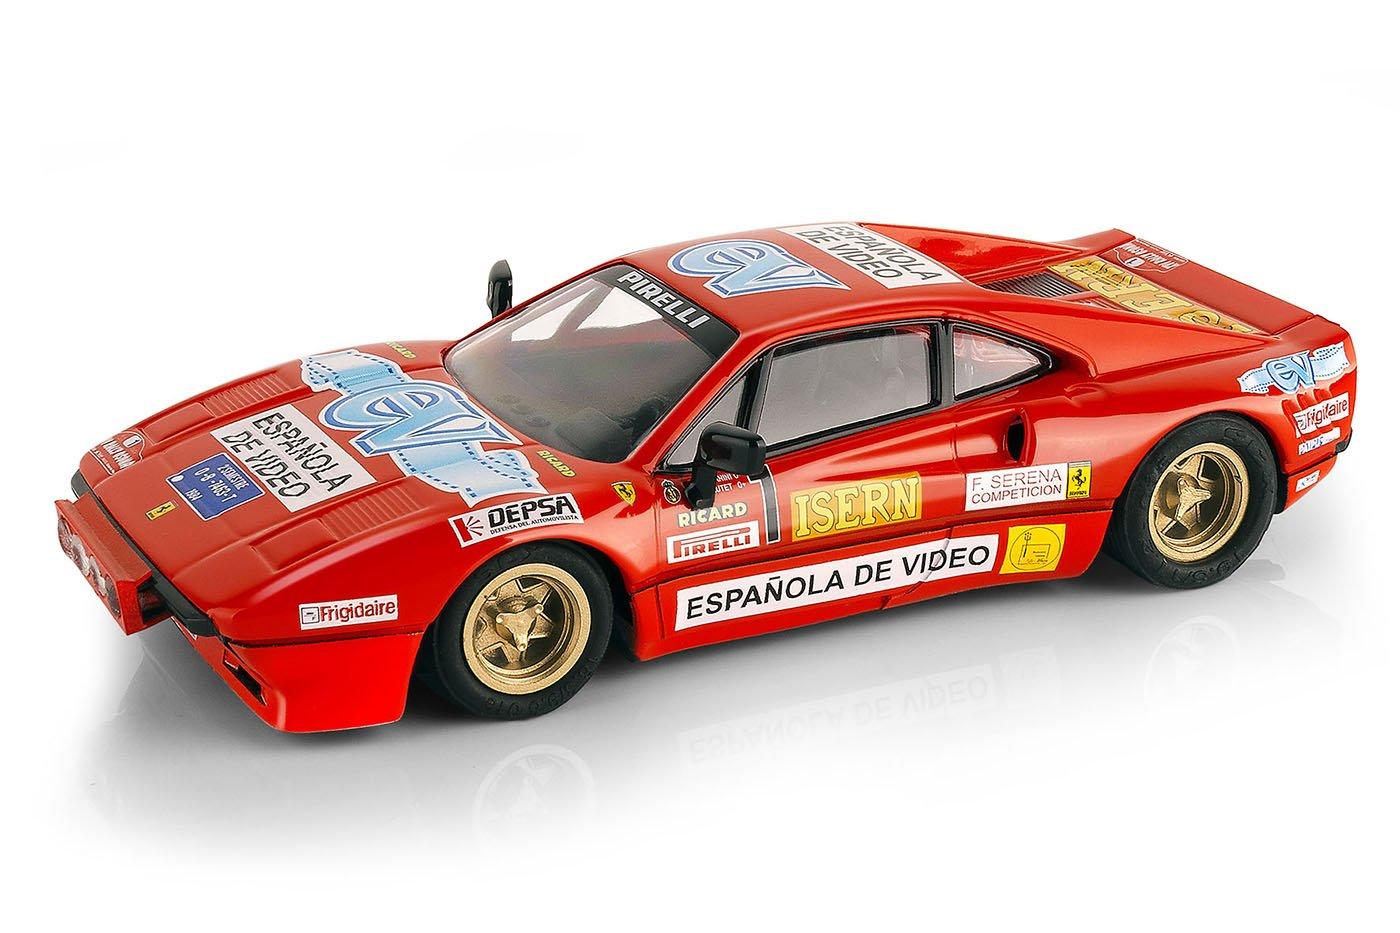 Scalextric Ferrari Zanini Vintage coche de juguete AS